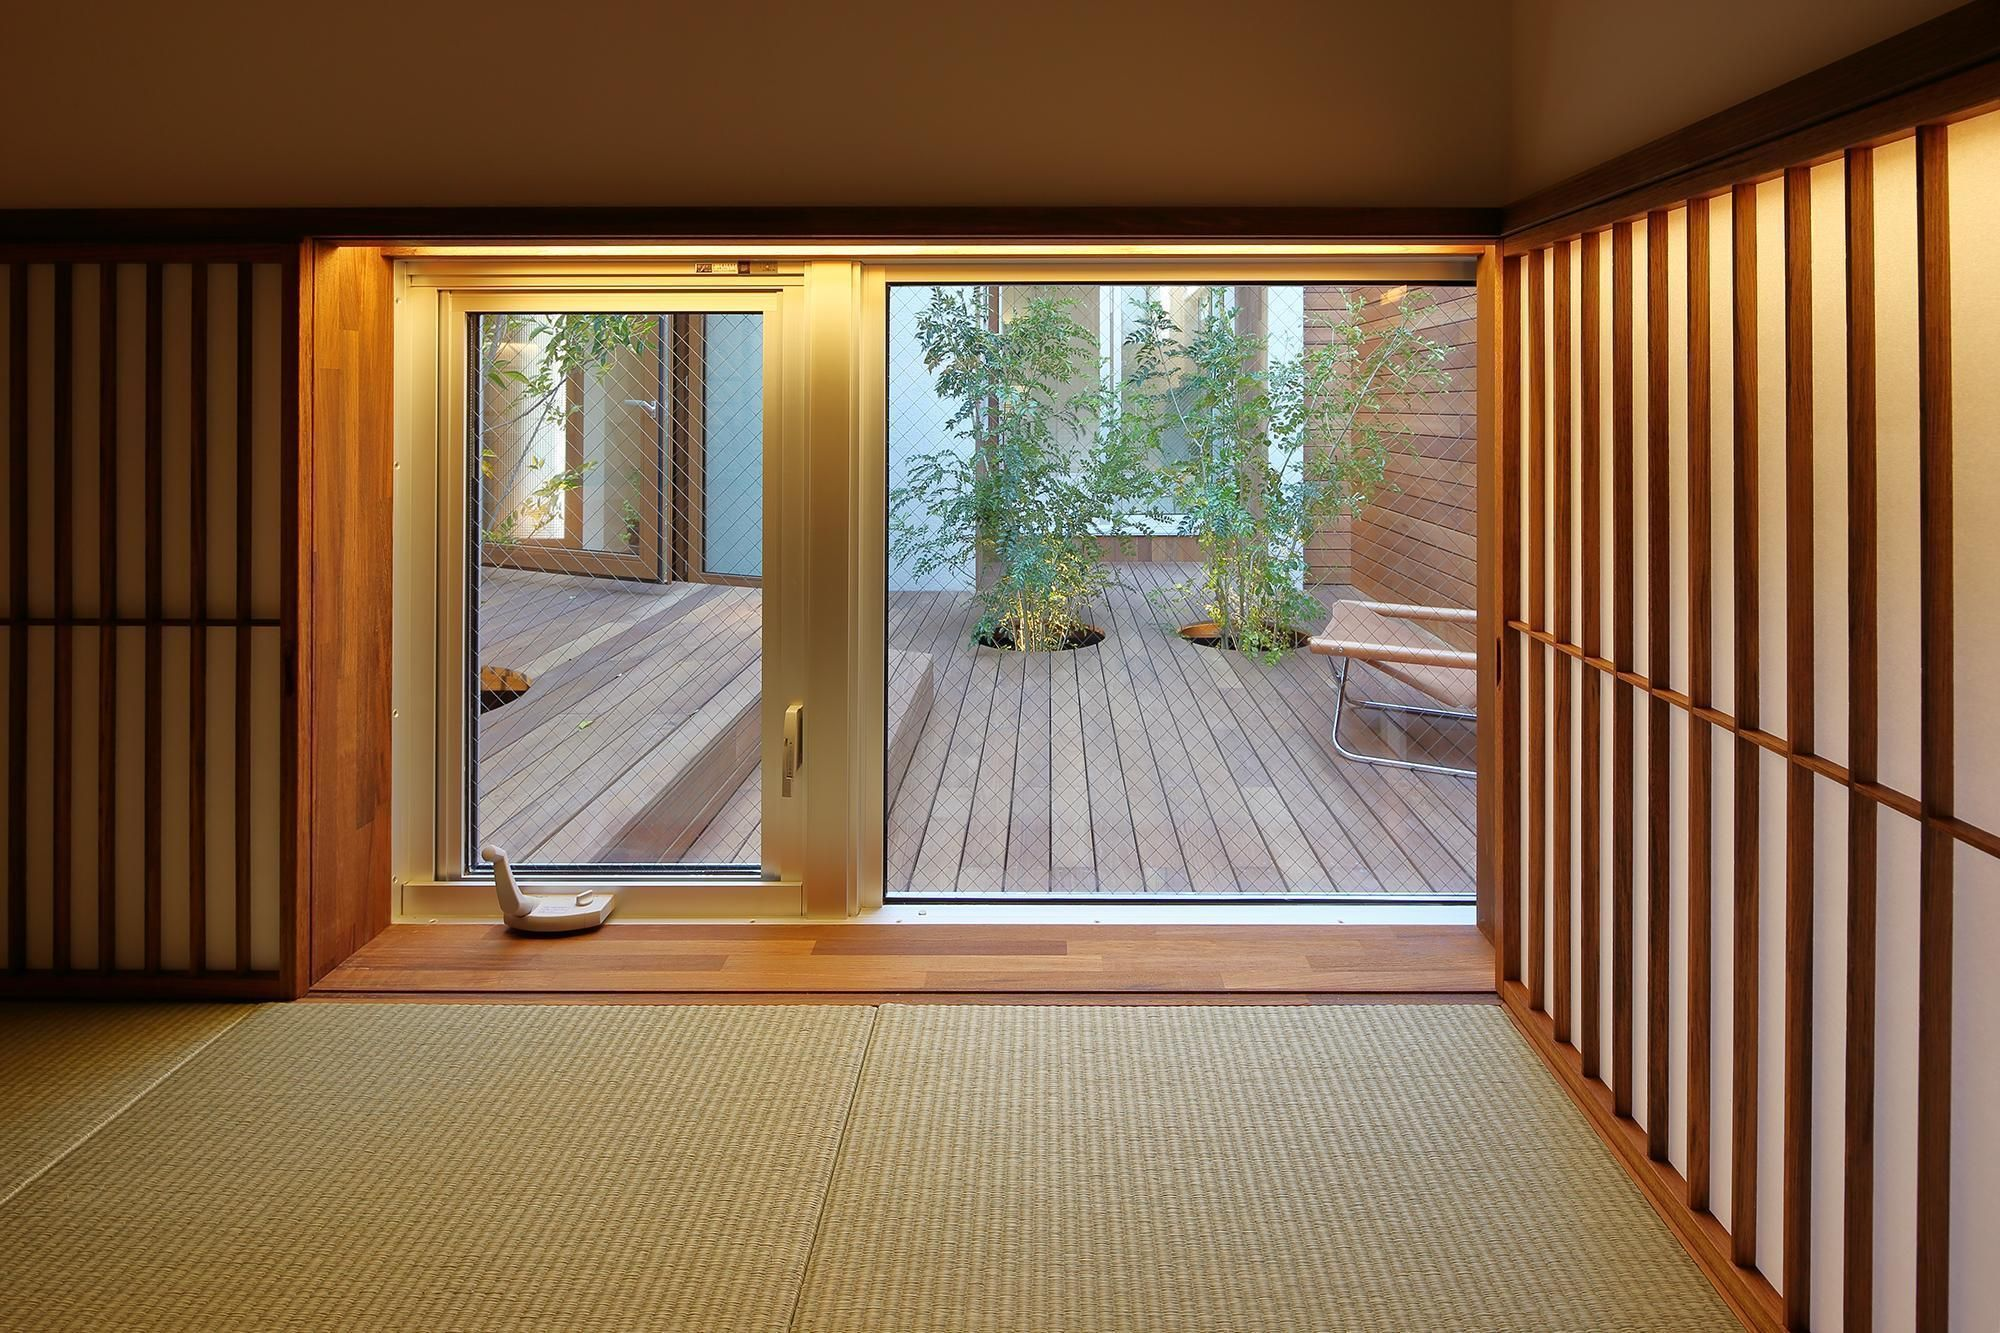 洋室にも取り入れよう 地窓からの眺めが素晴らしいおうち7選